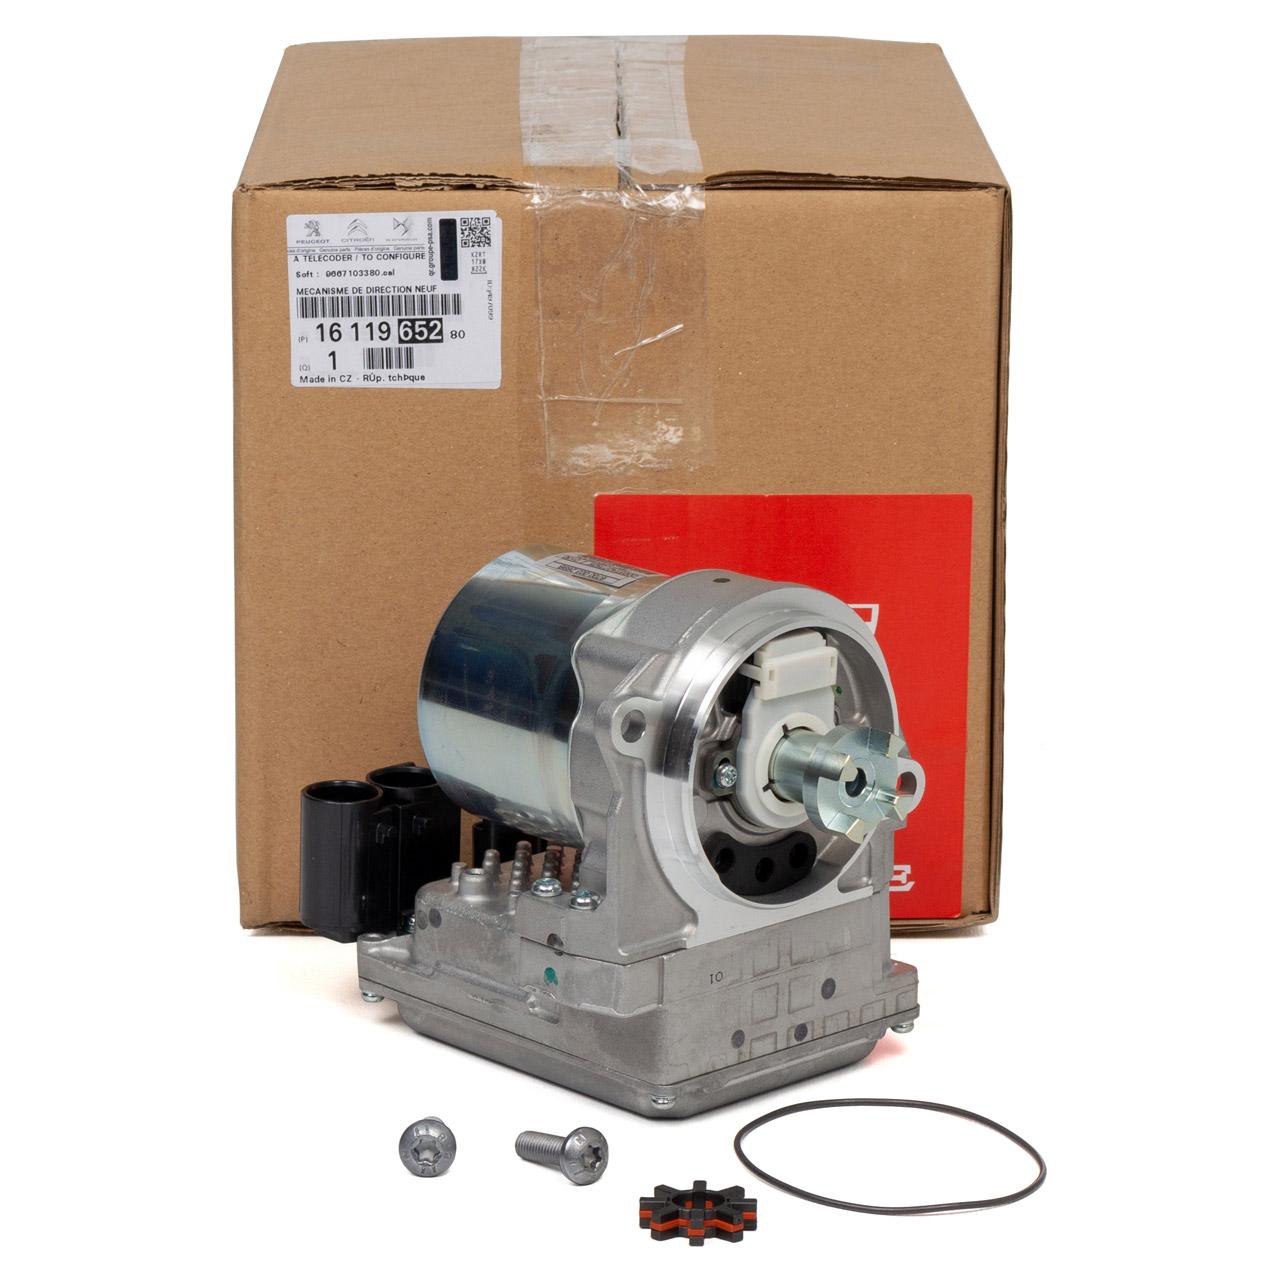 ORIGINAL Peugeot Pumpe für Lenkgetriebe Servolenkung 207 17 Zoll 1611965280